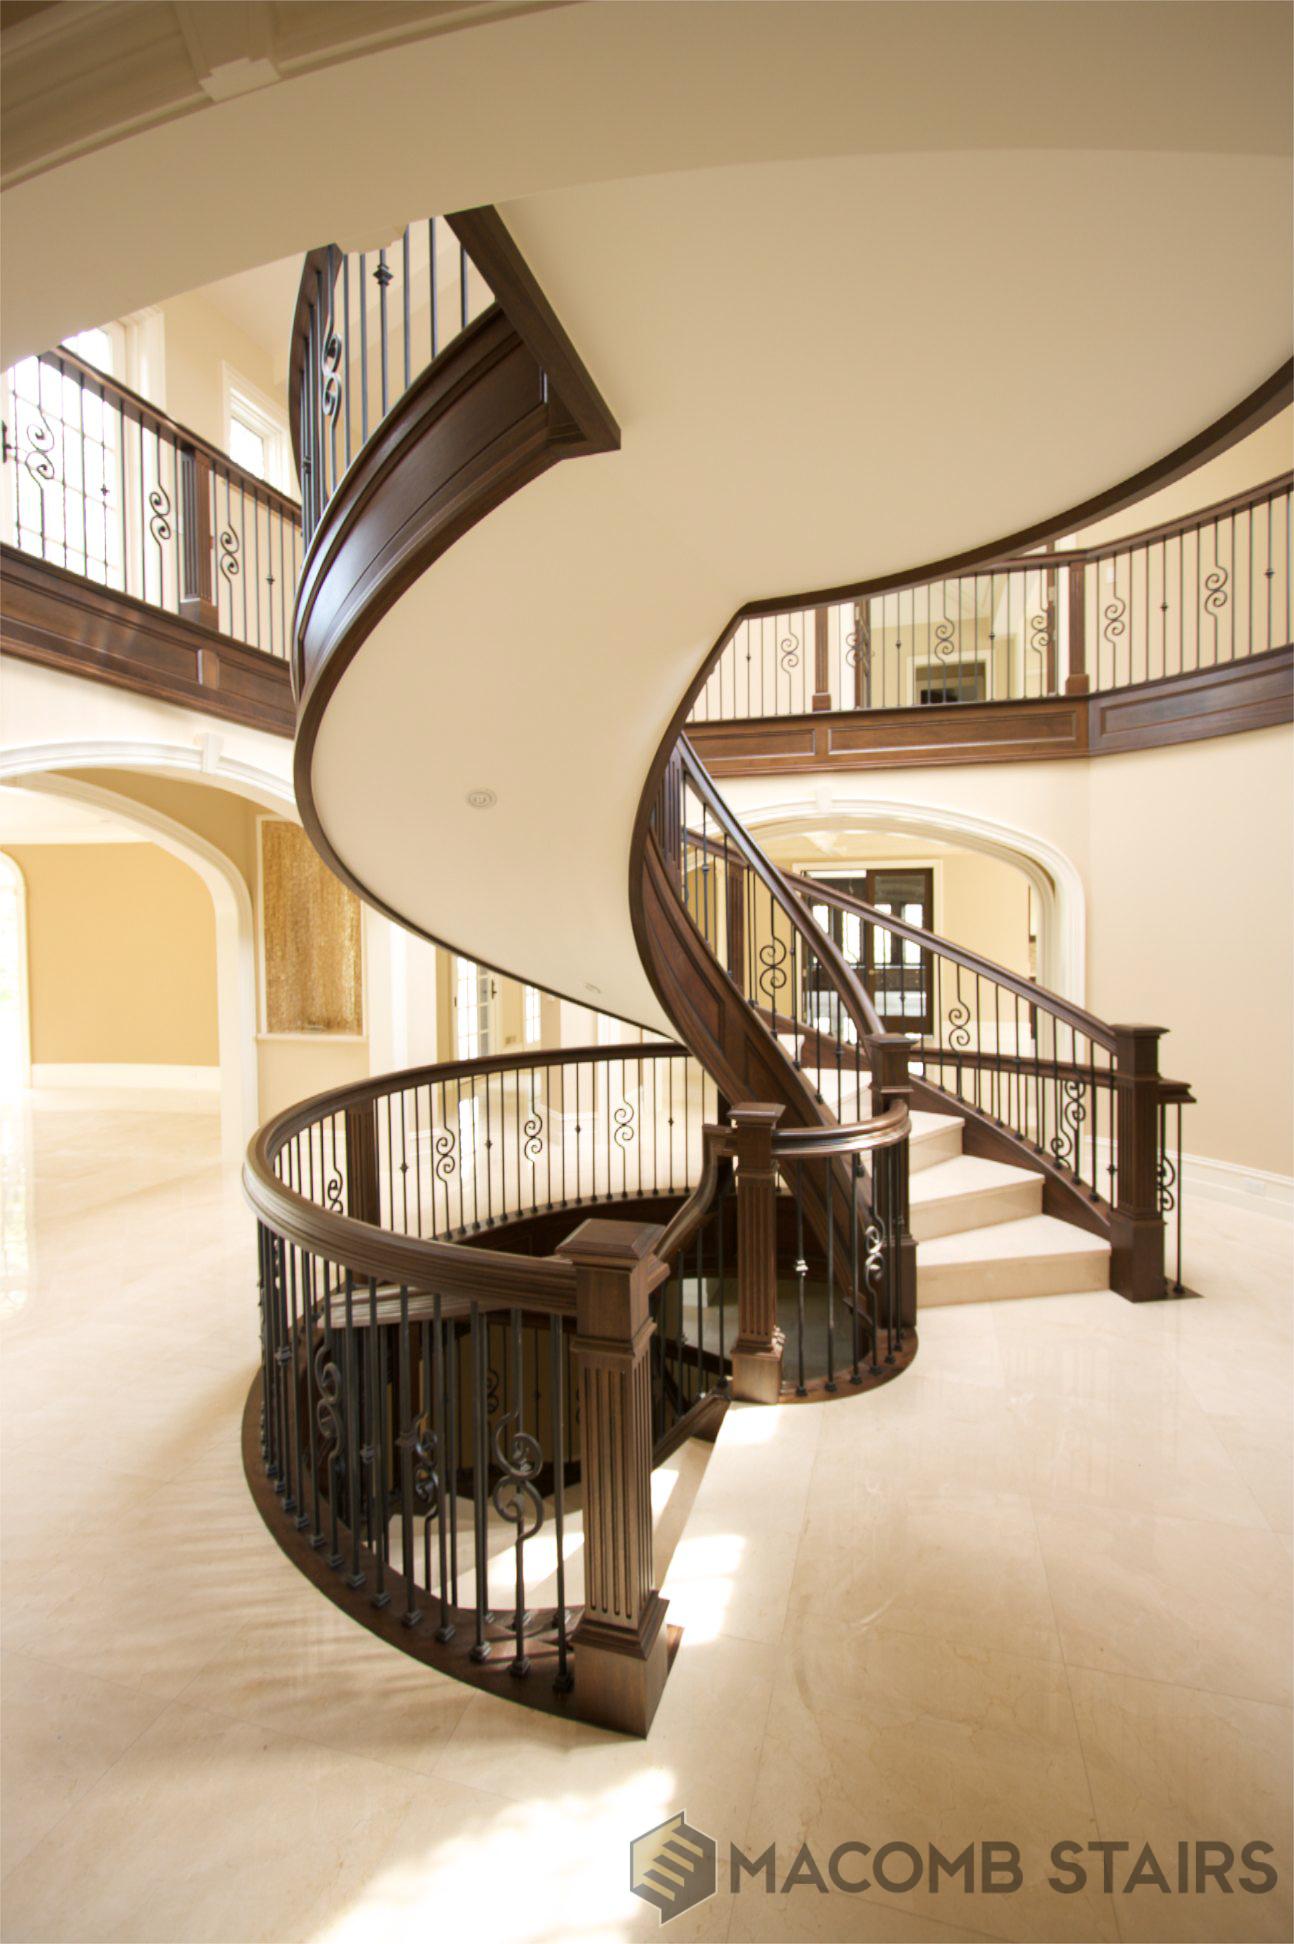 Macomb Stairs- Stair Photo-55.jpg